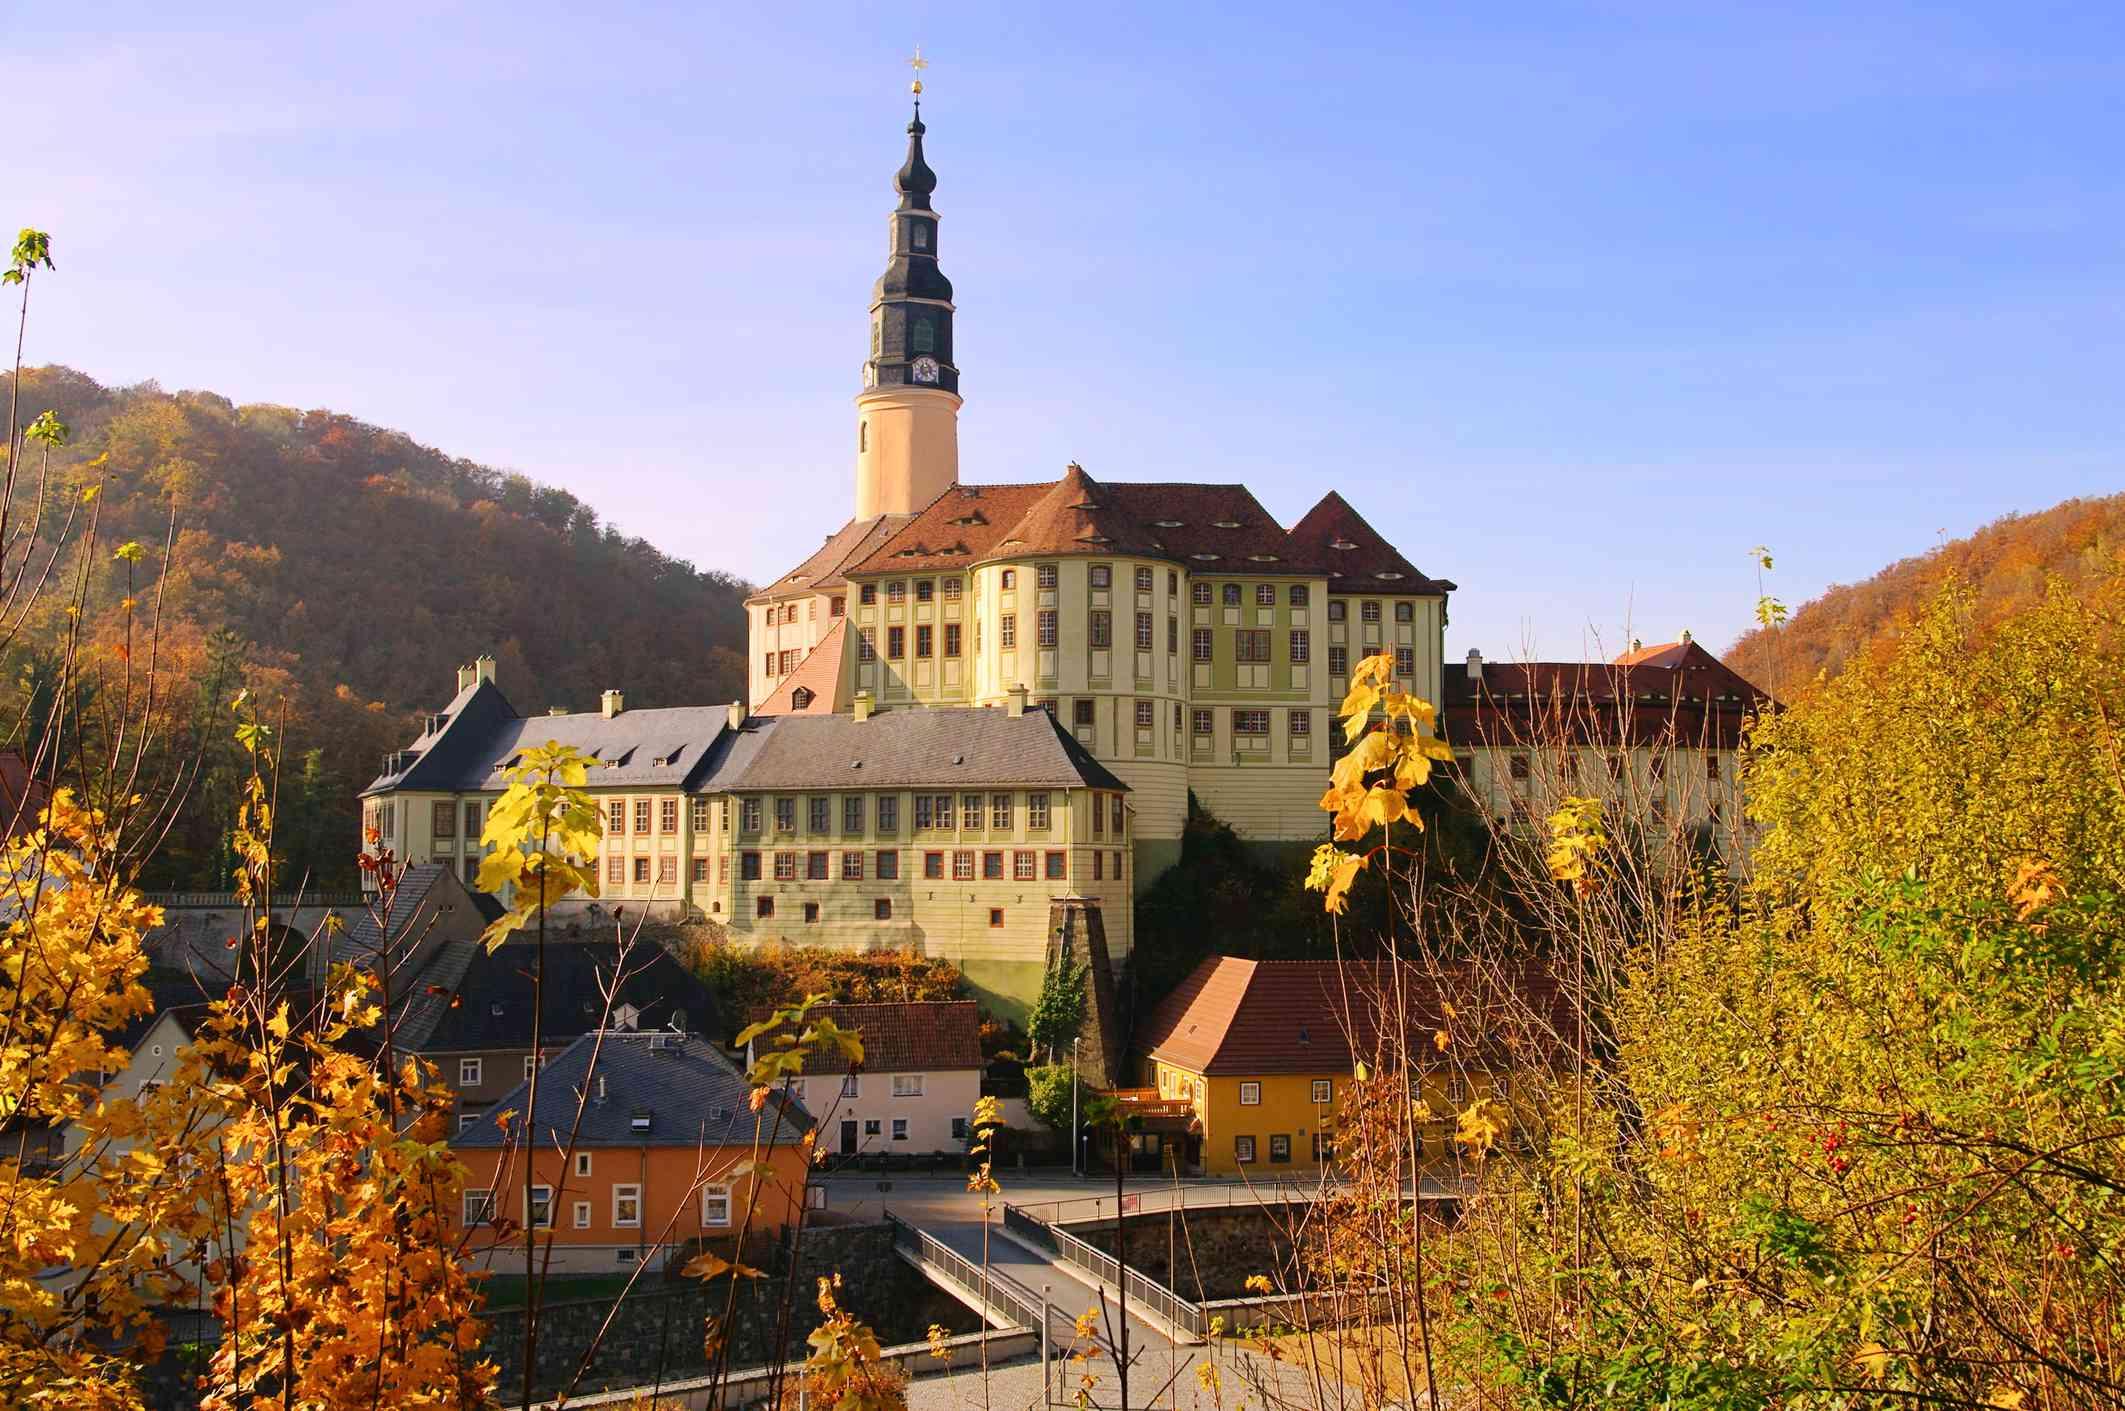 Weesenstein Castle